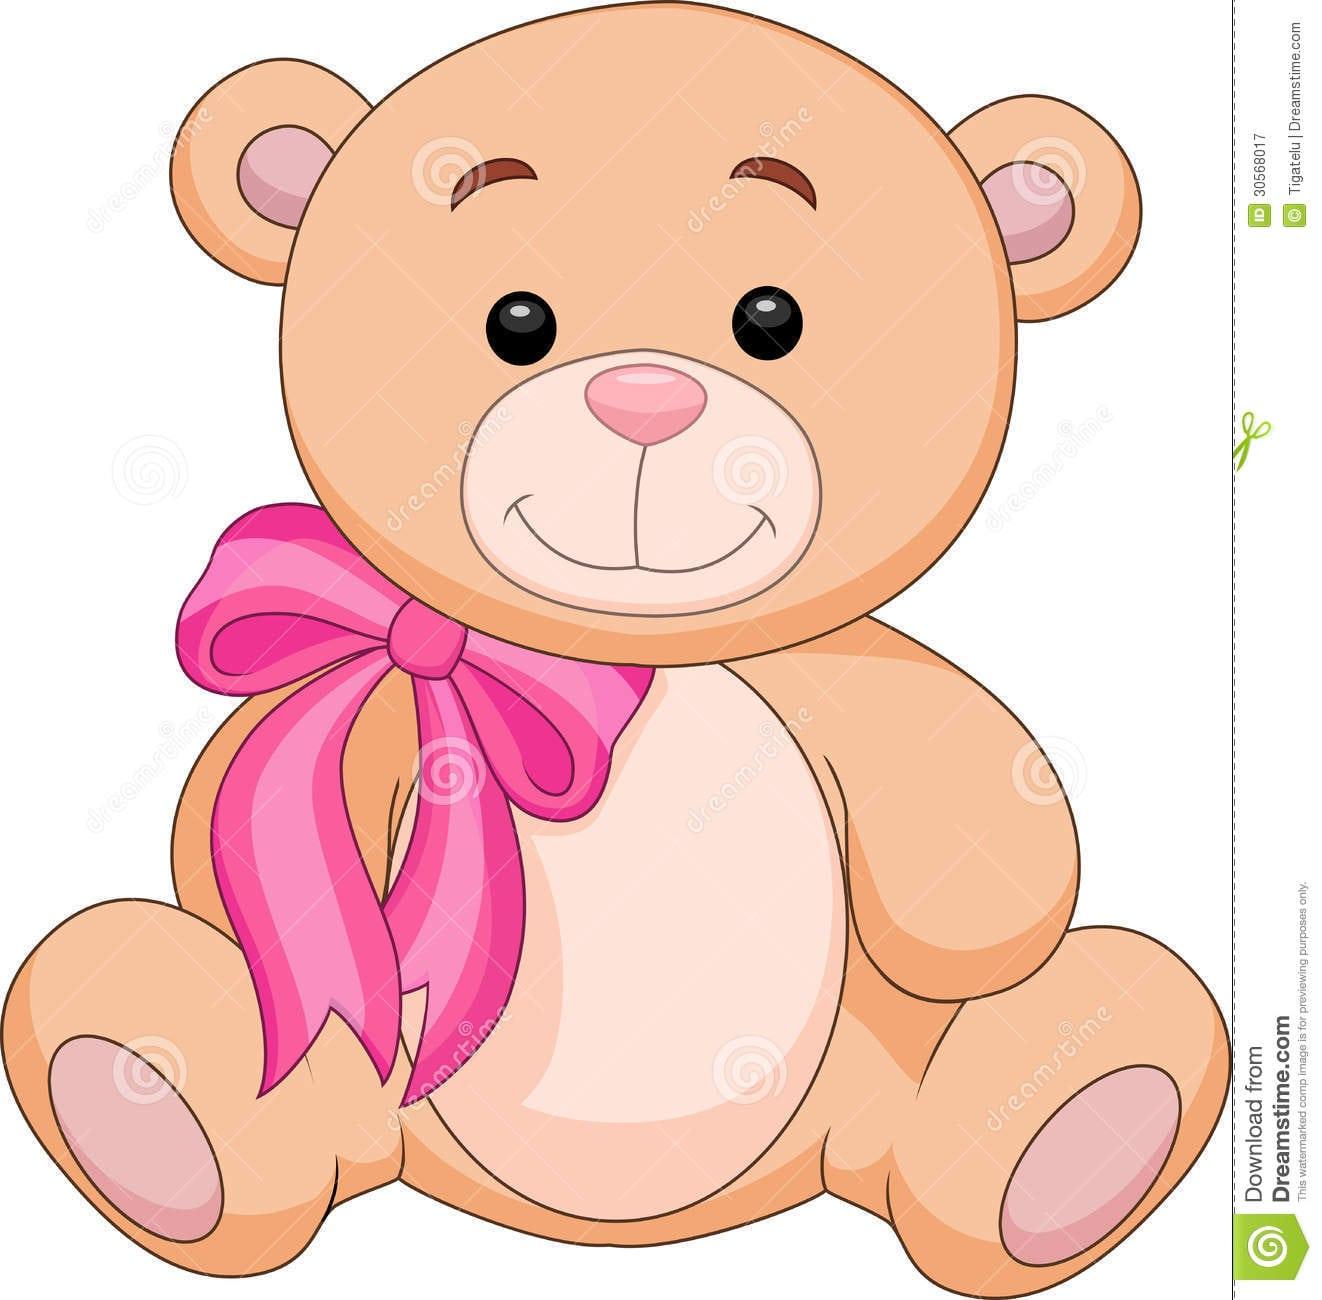 Desenhos Animados Bonitos Do Material Do Urso Marrom Ilustração Do